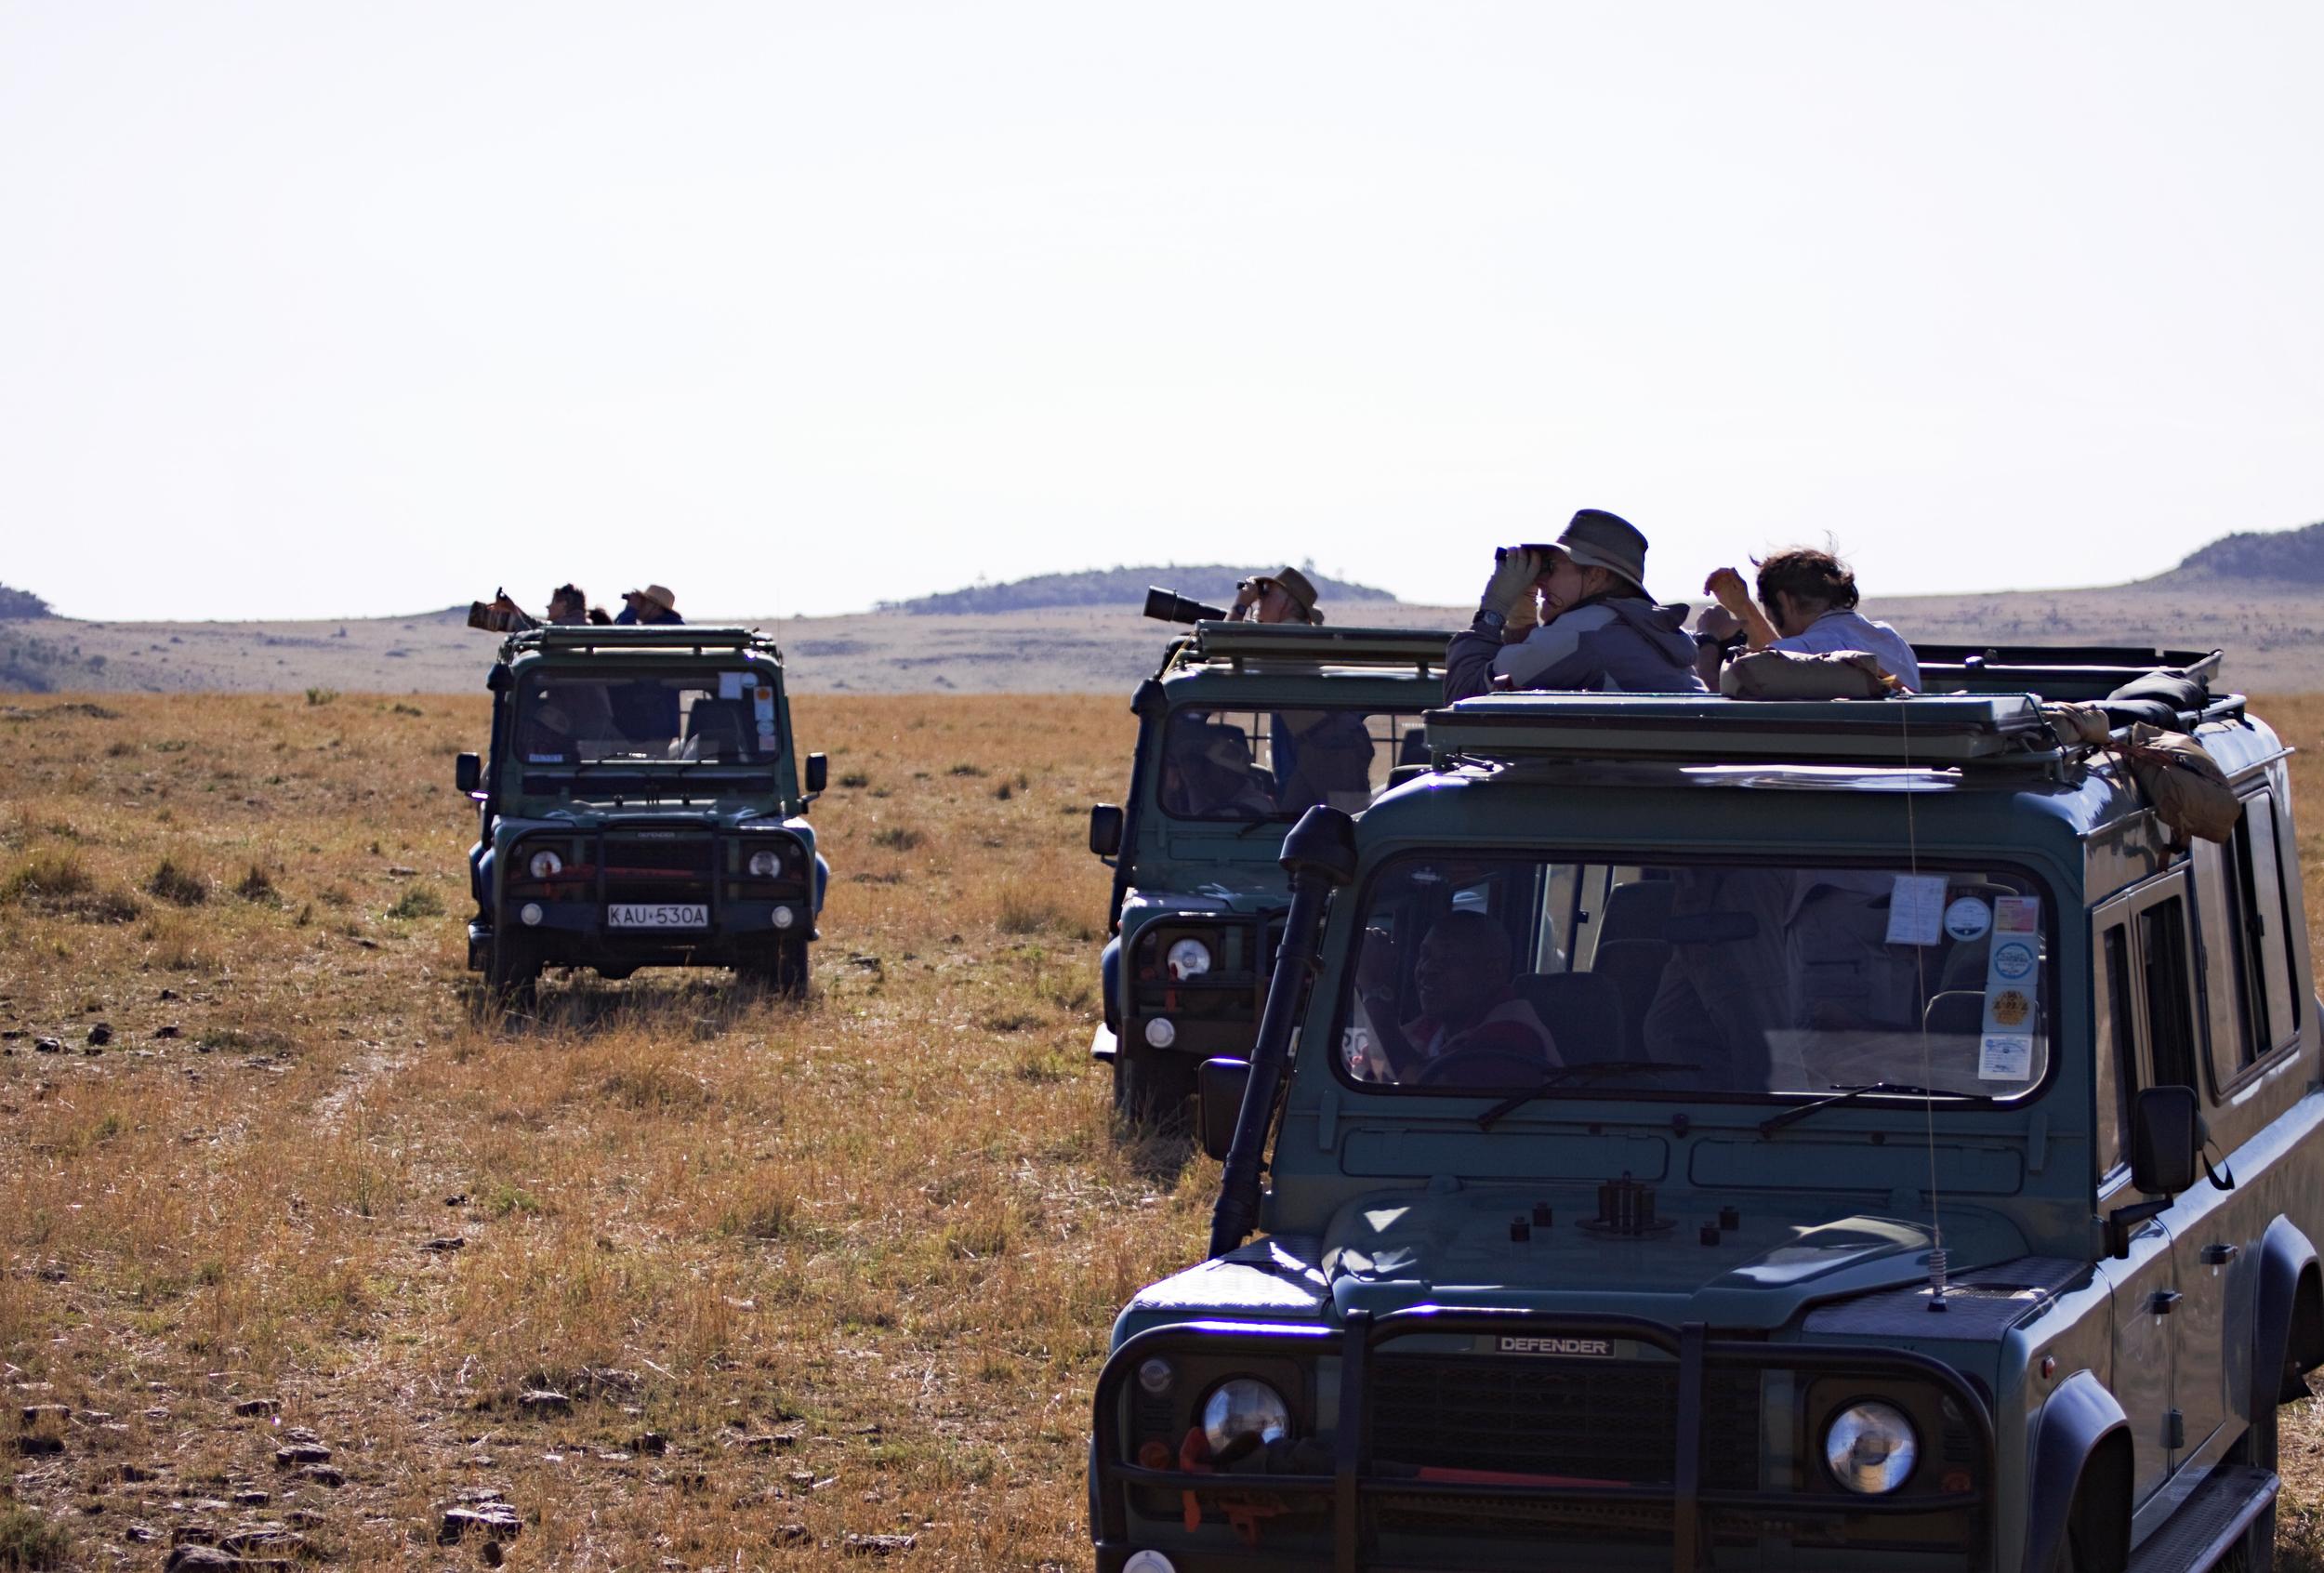 Photographers on Safari, Masai Mara